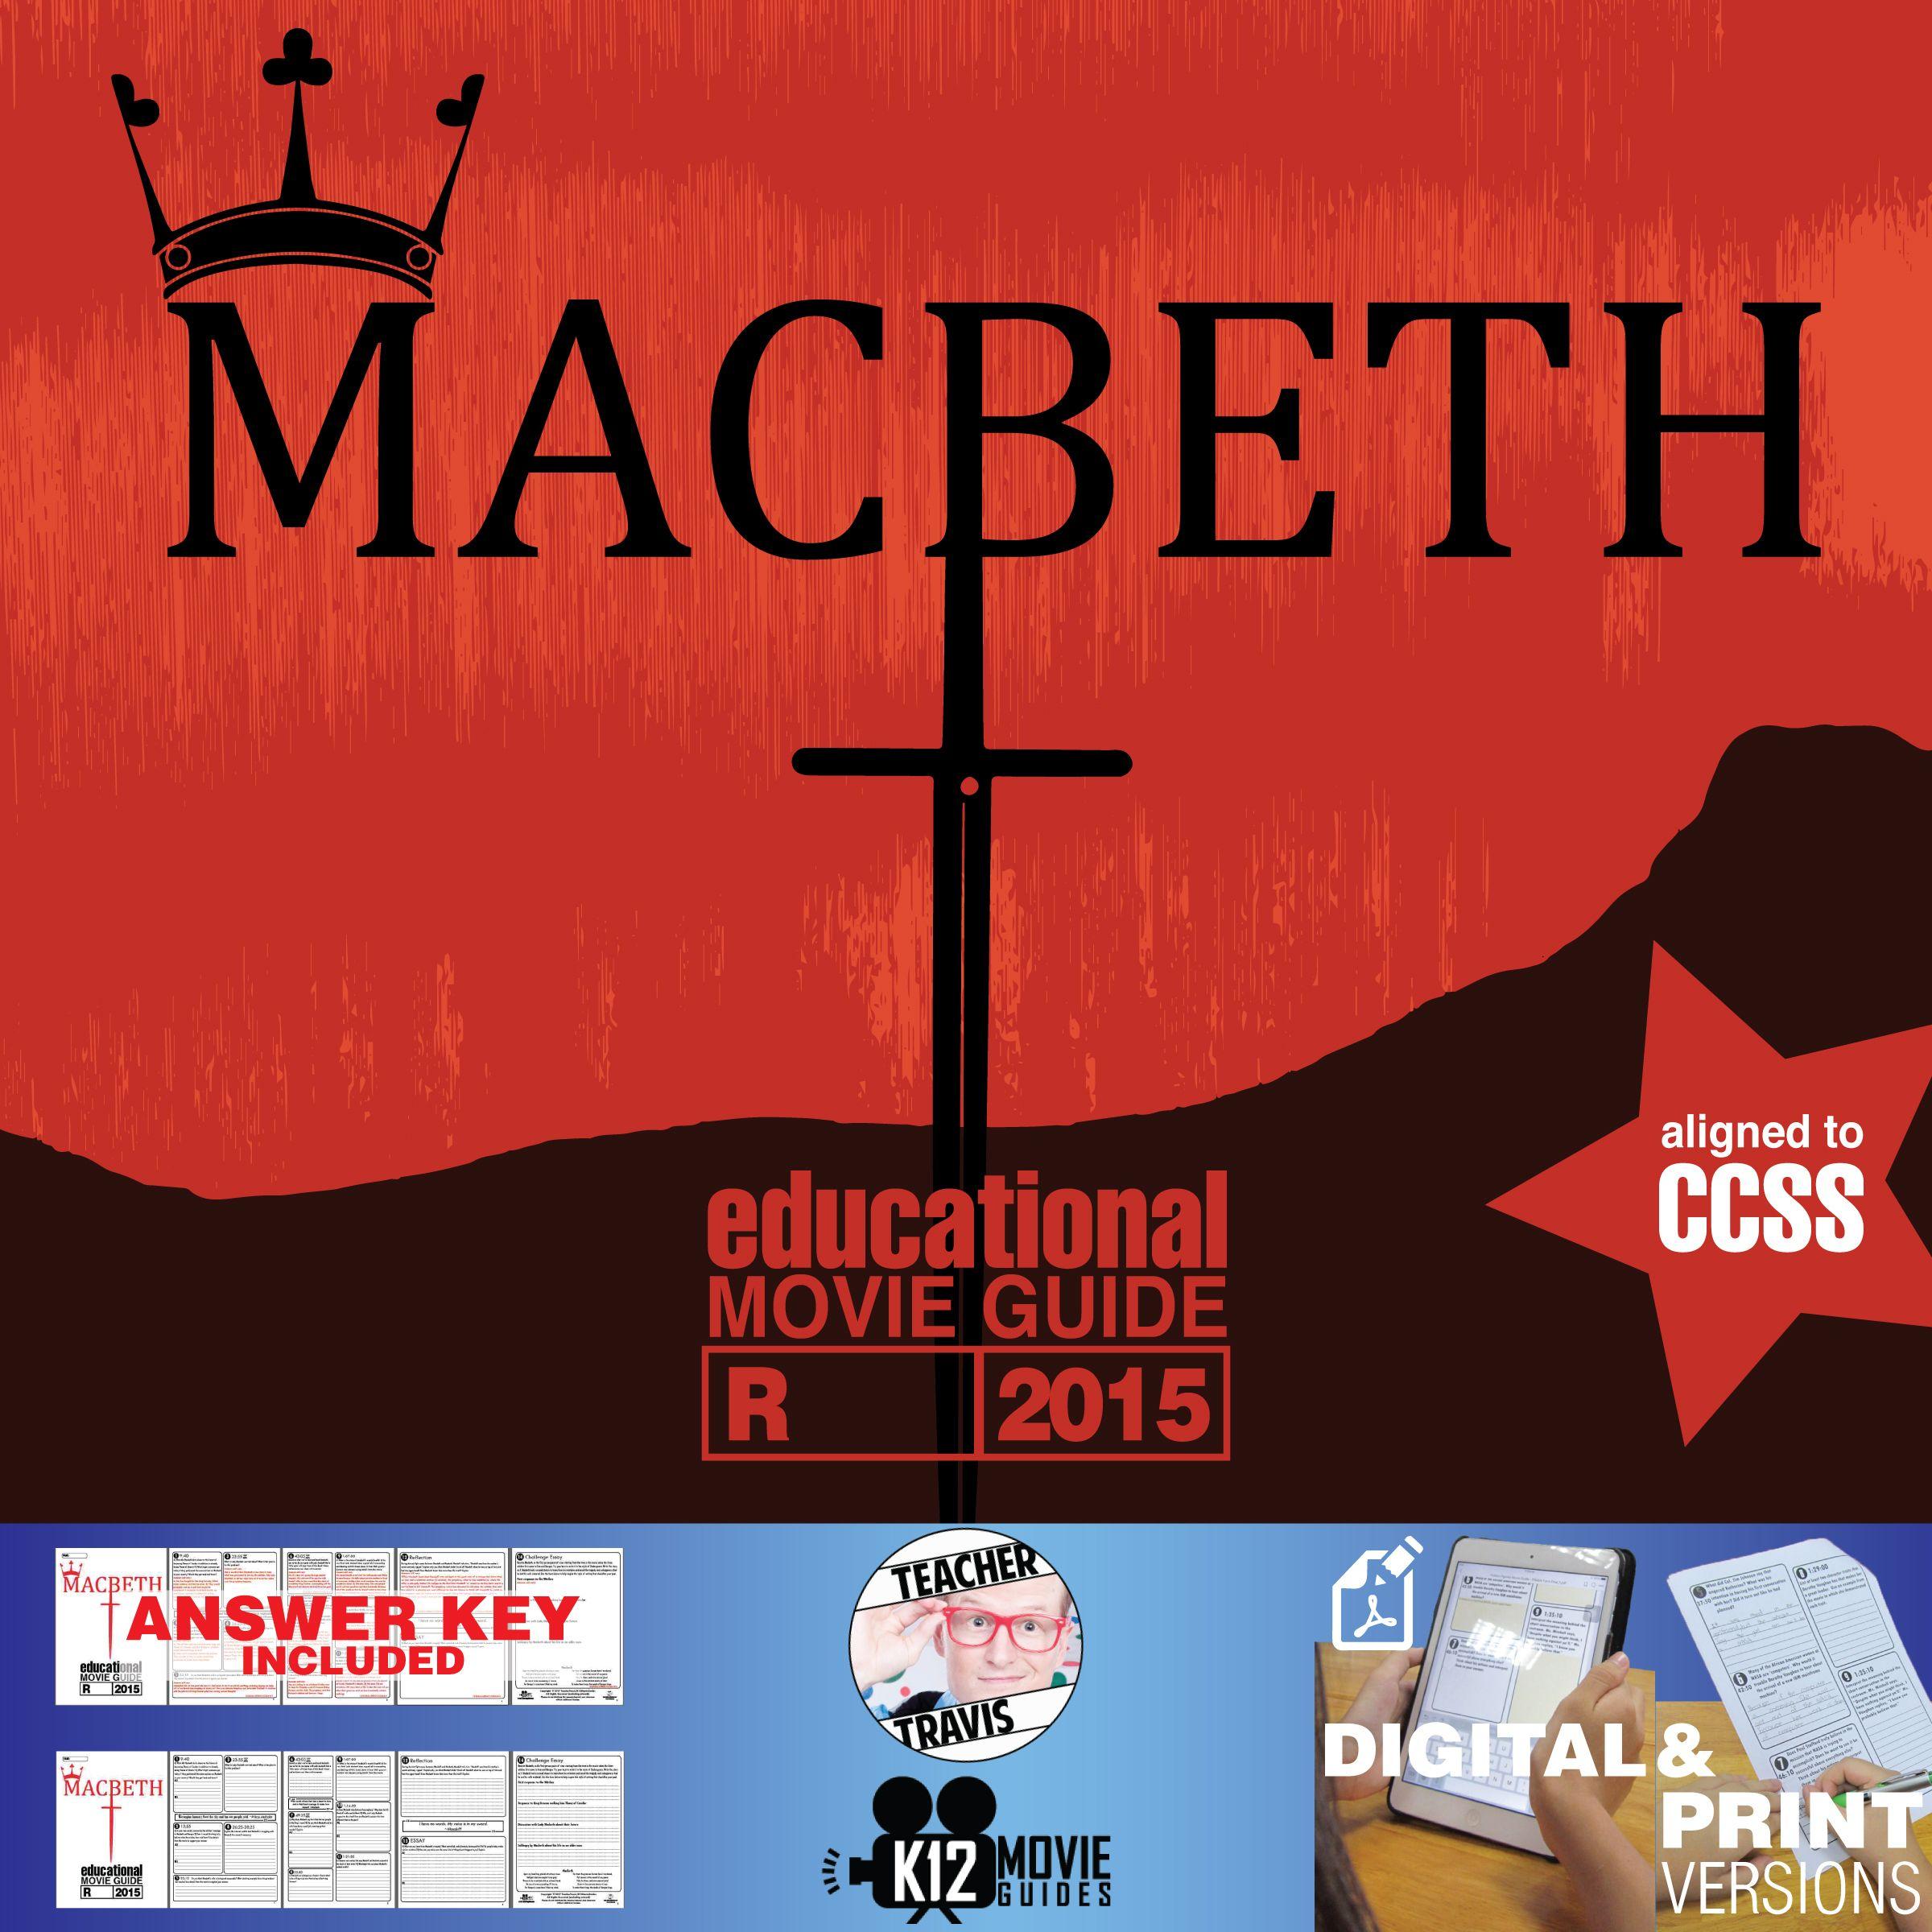 Macbeth Movie Guide Questions Worksheet R